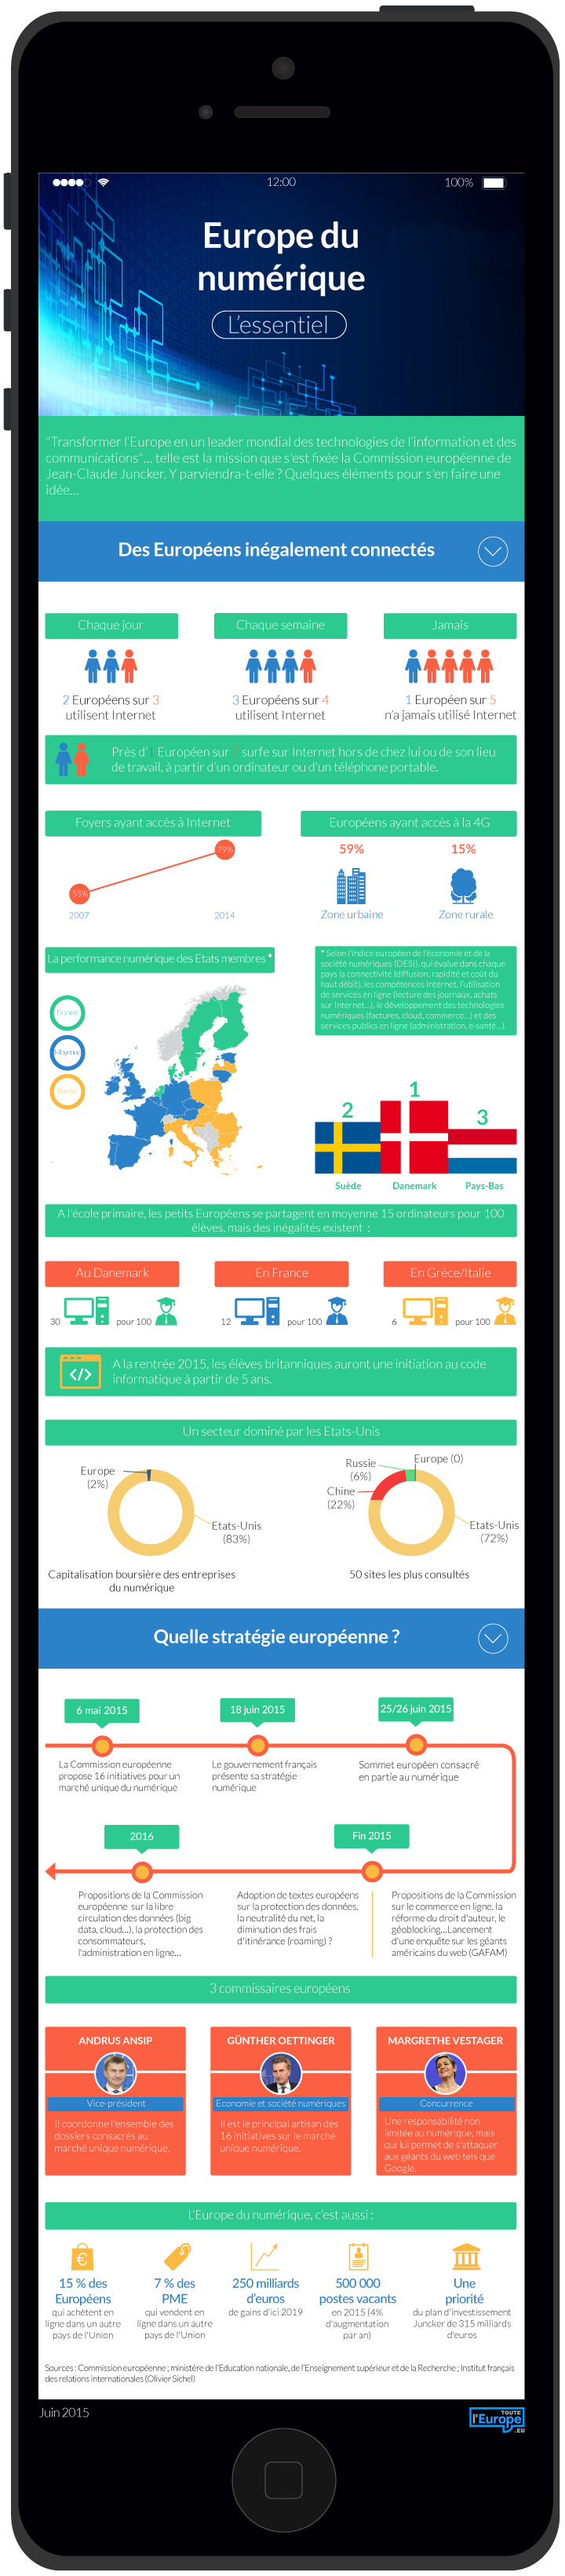 Datavisualisation : Europe du numérique, l'essentiel